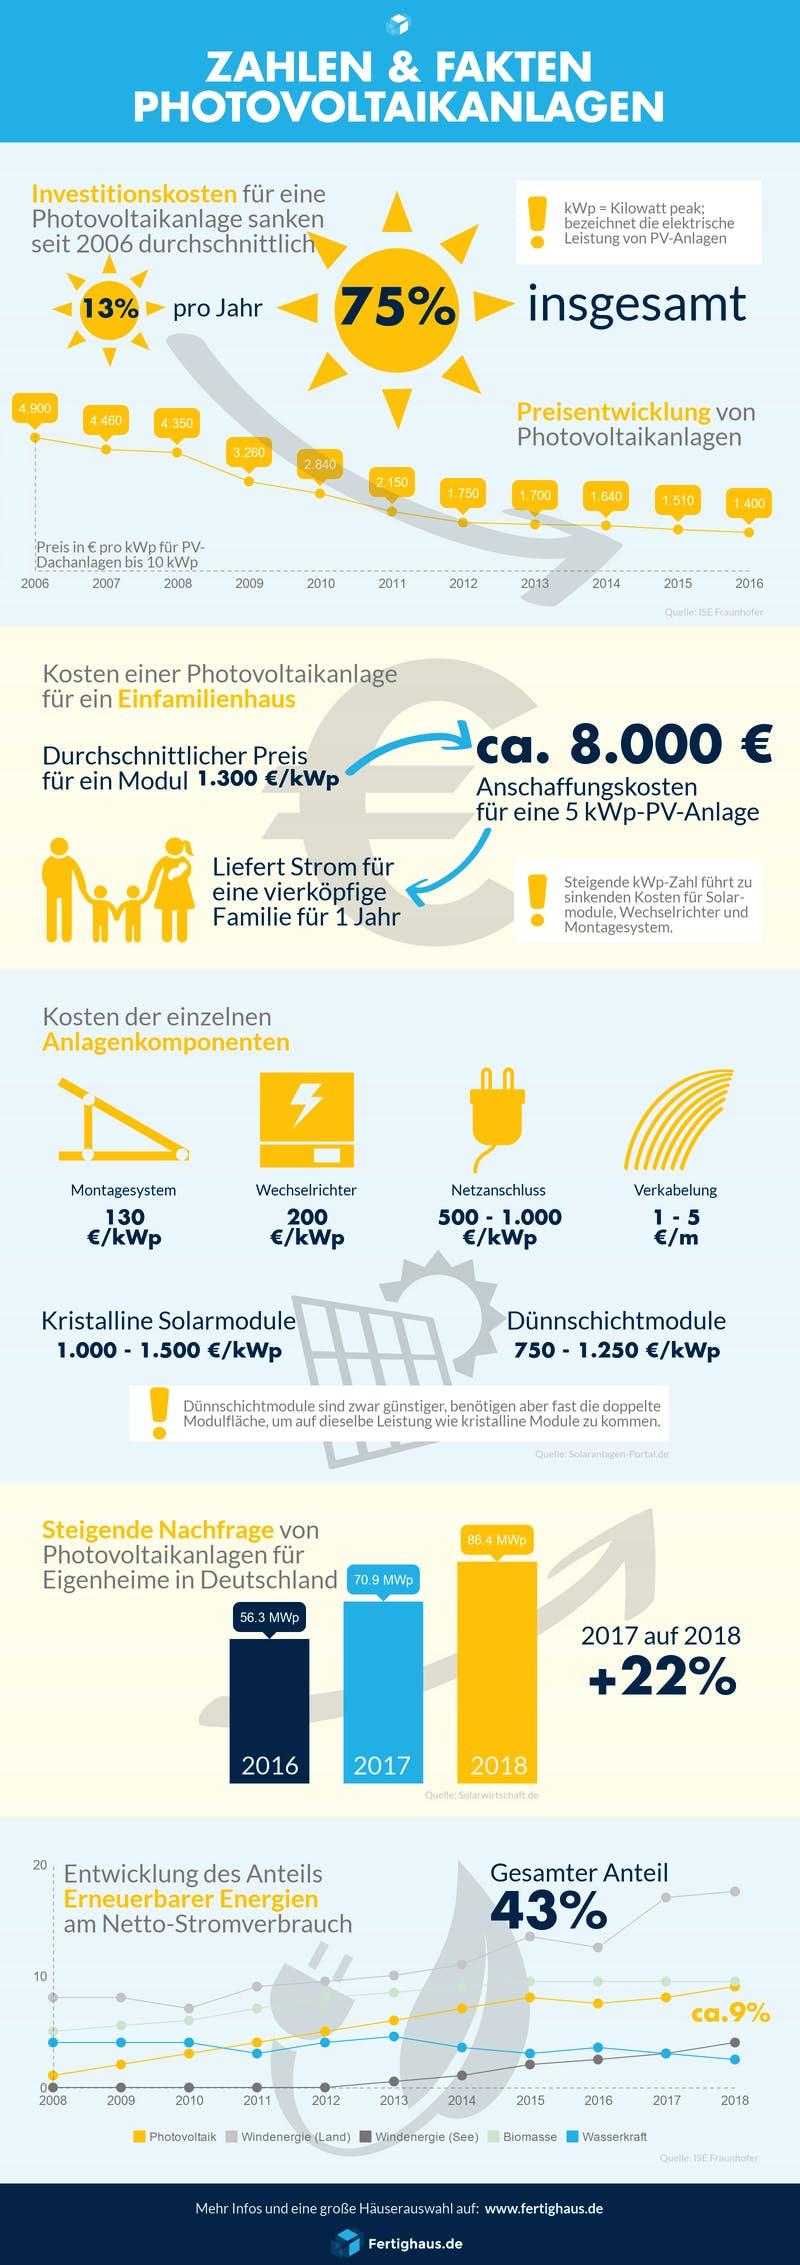 Umfassende Infografik mit verschiedenen Daten und Fakten zu Photovoltaik